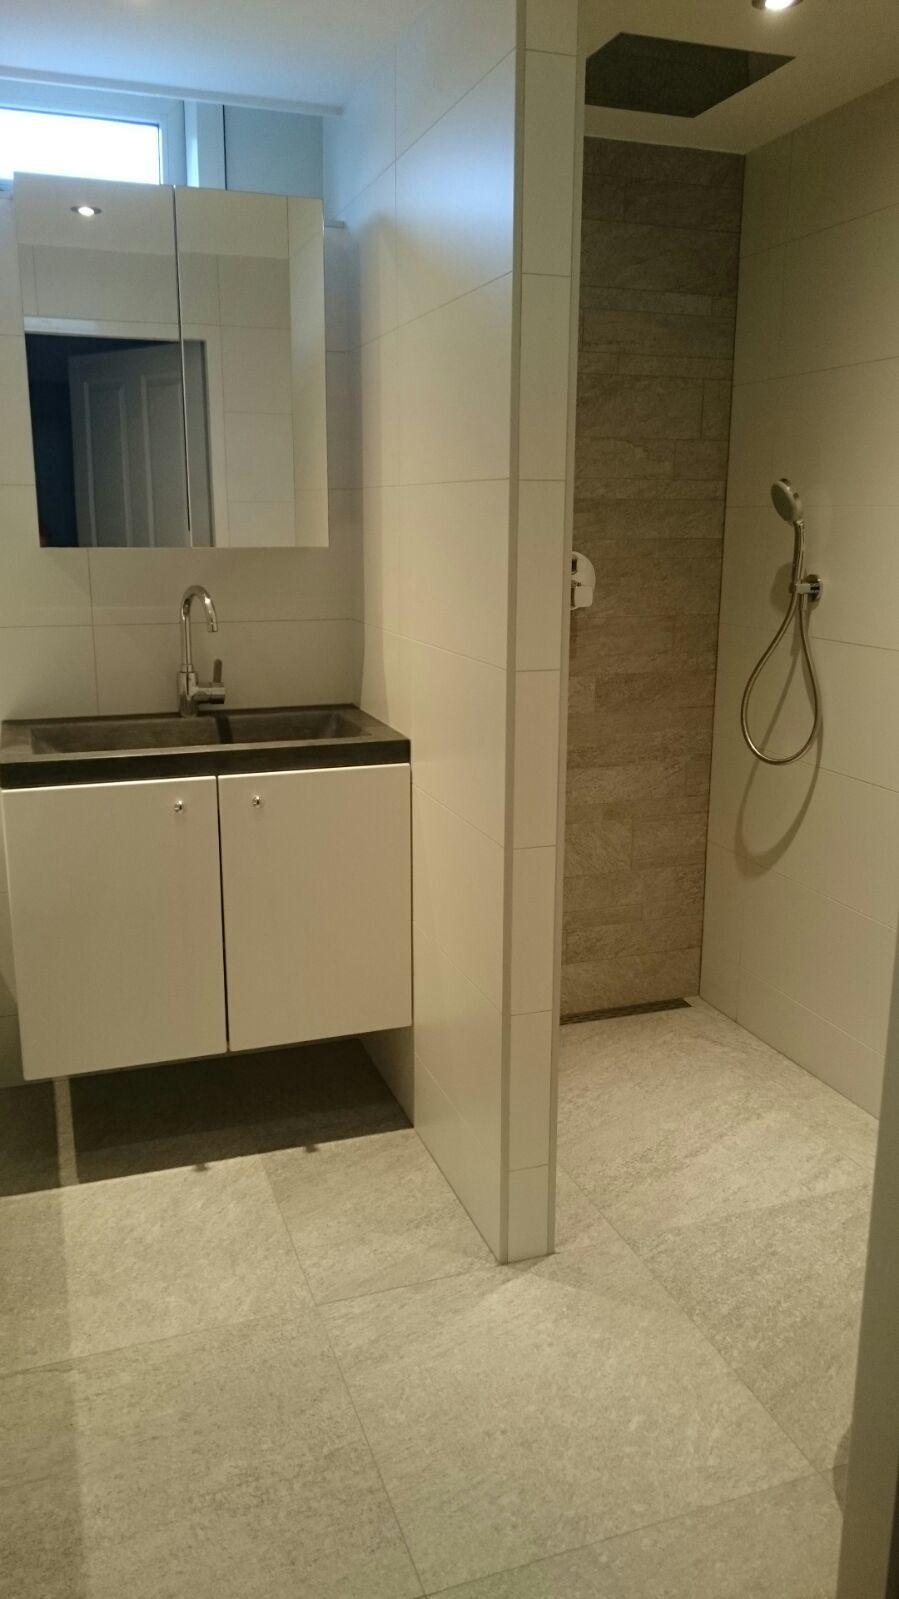 Badkamer met inloopdouche en hangend toilet. - Aannemersbedrijf Visser